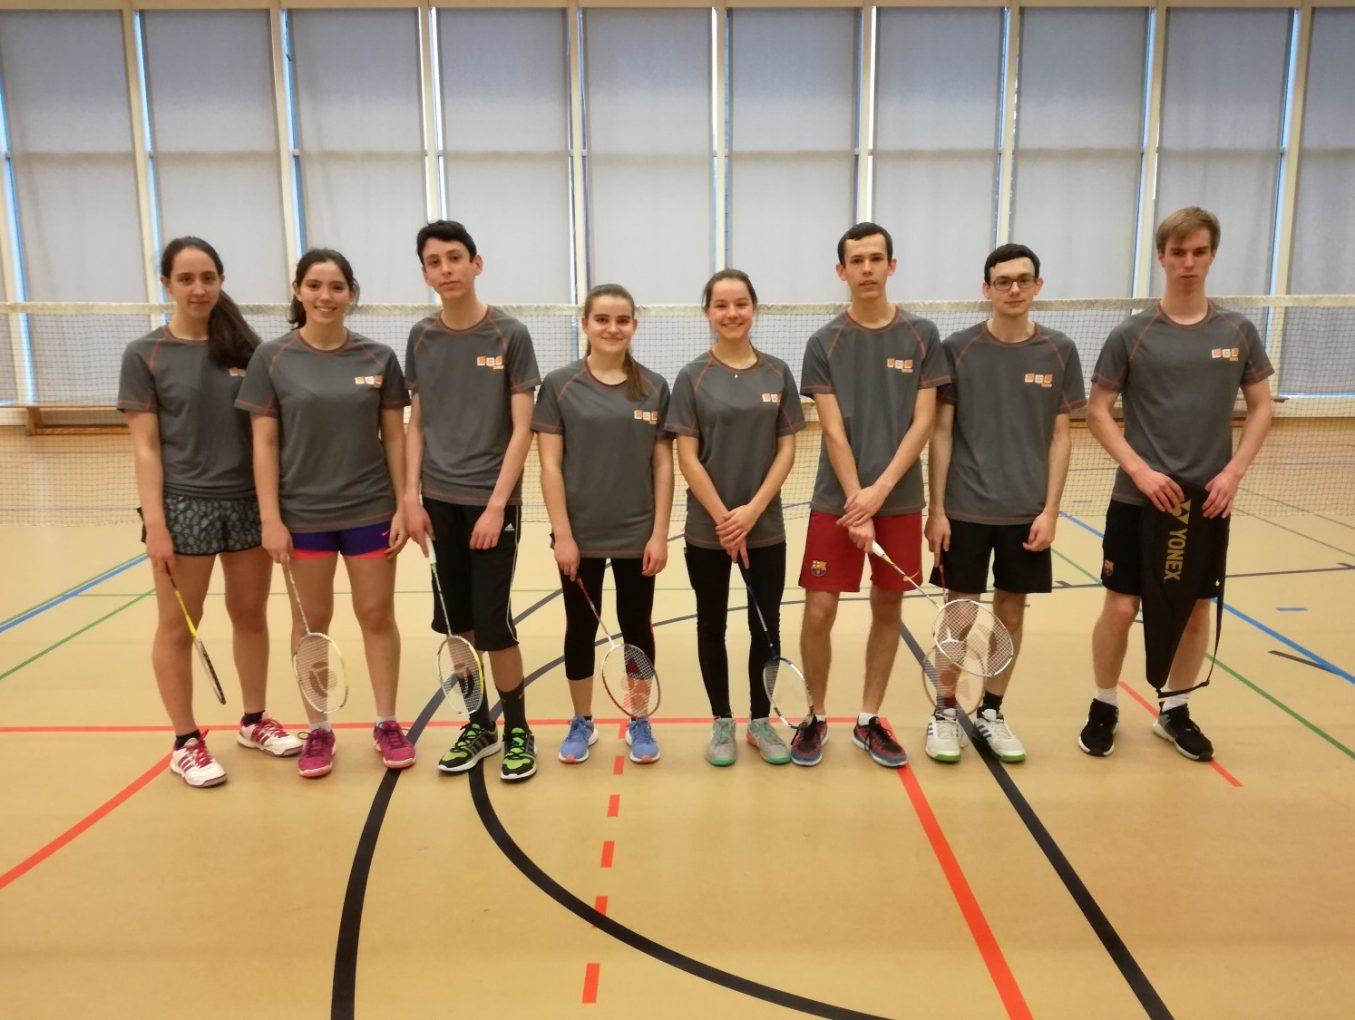 LASEL 07/12/17 Badminton